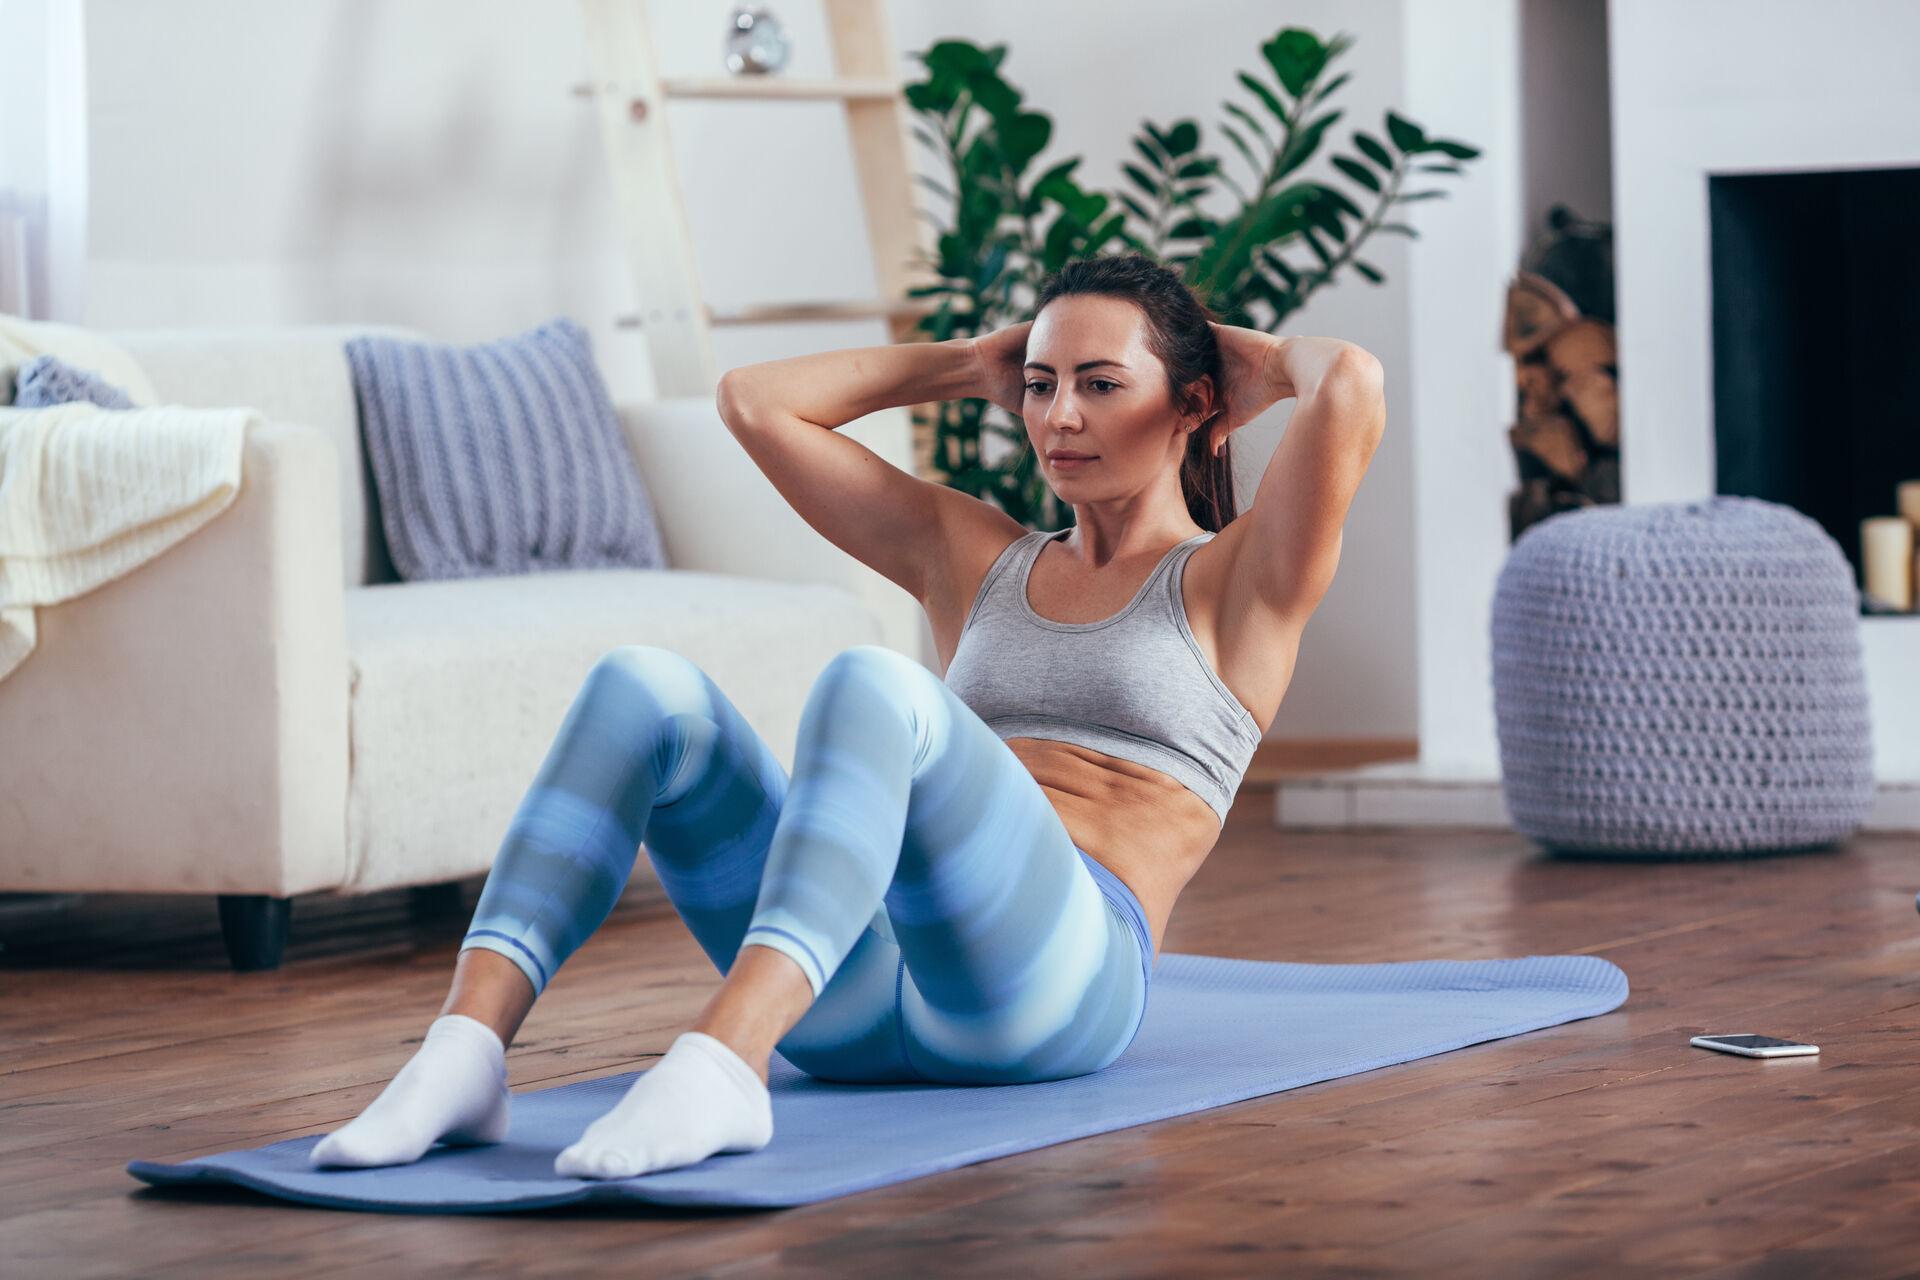 Sport im Wohnzimmer - 10 Dinge gegen Langeweile